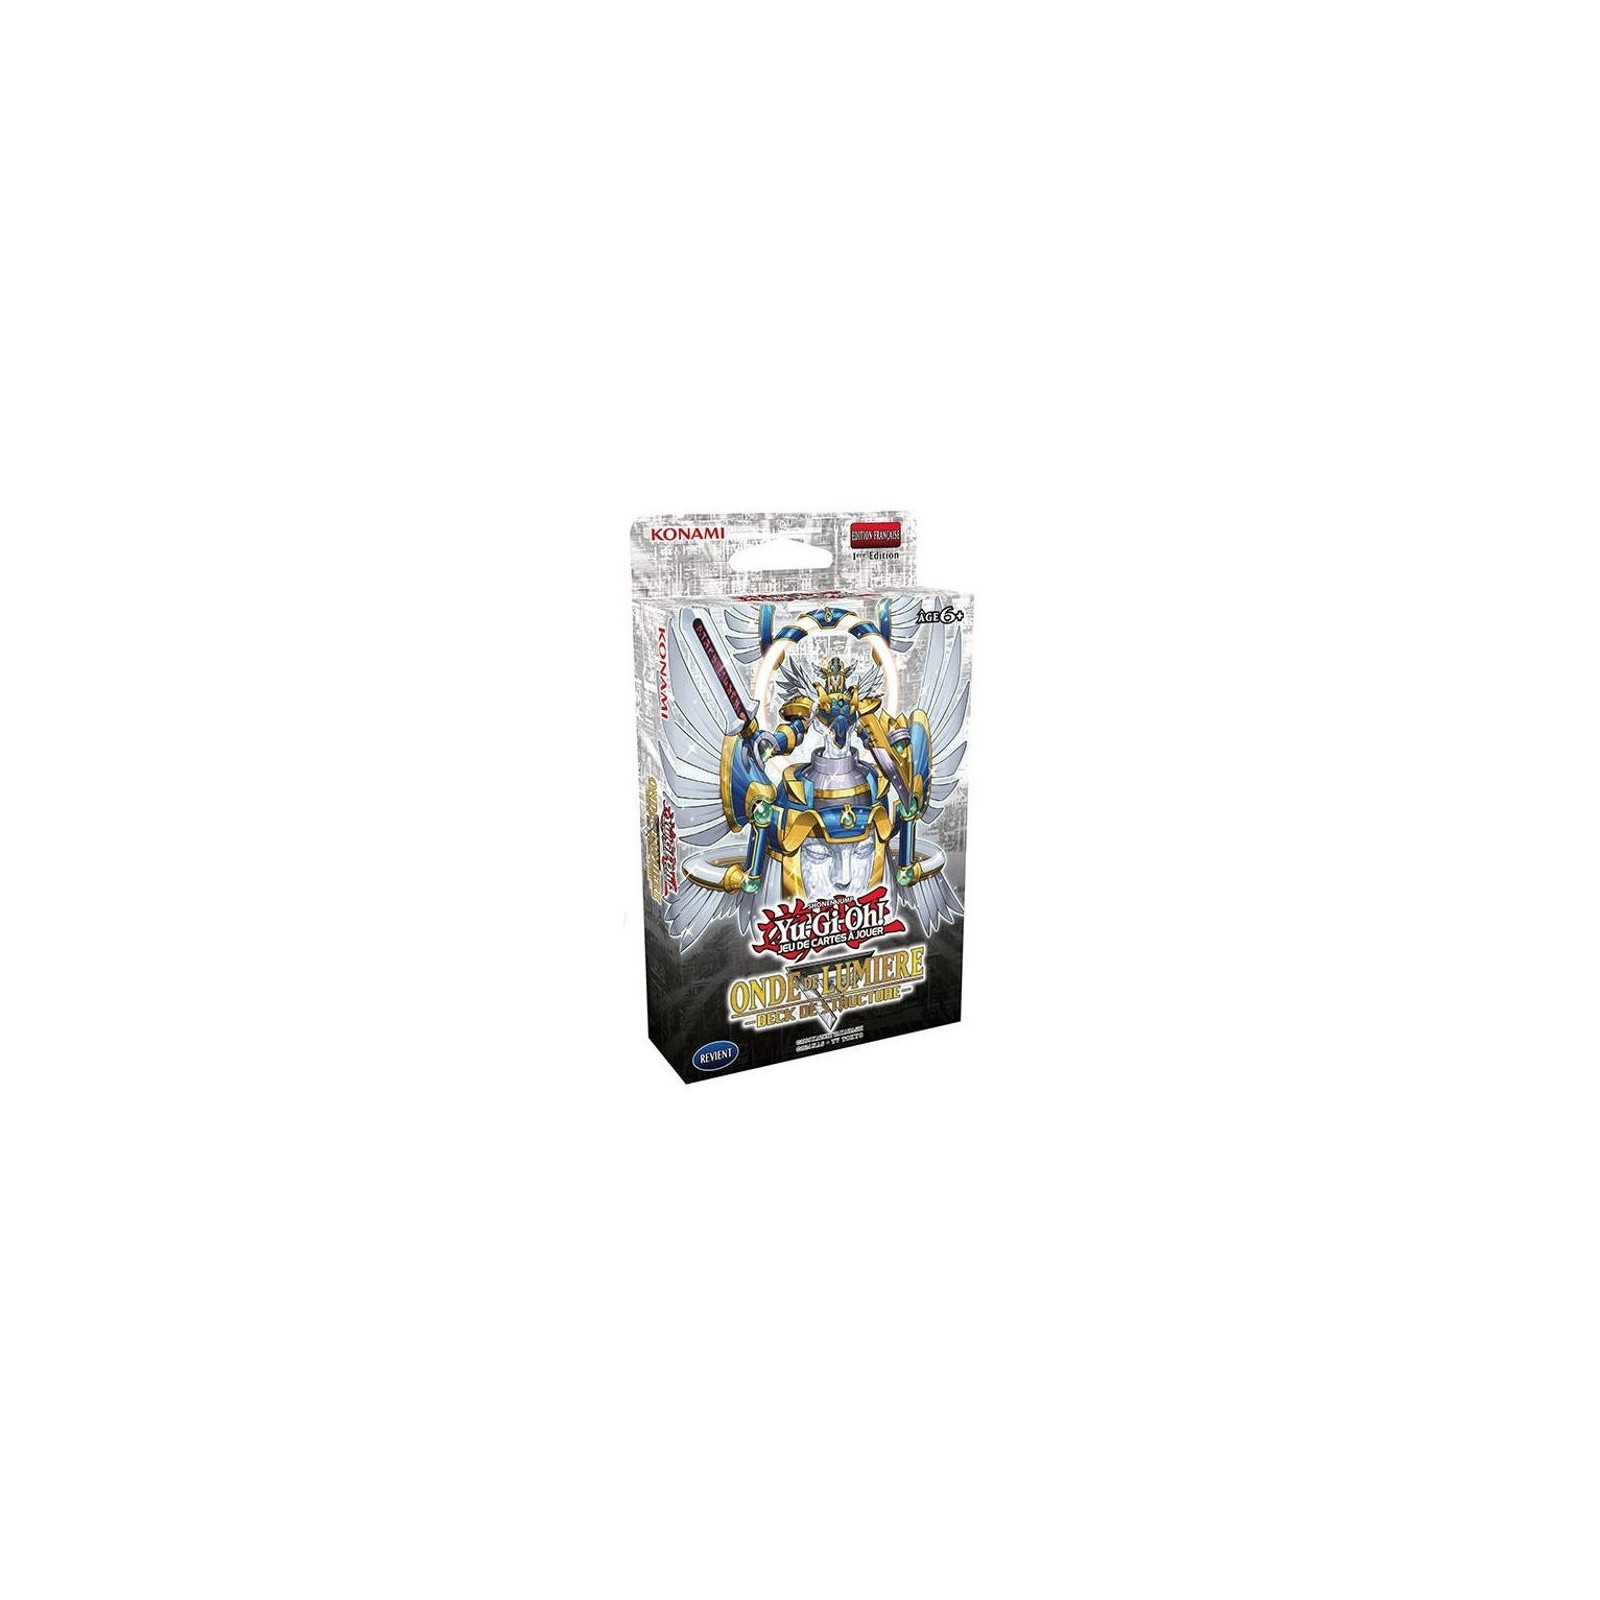 Yu-Gi-Oh - Deck de Structure - Onde de lumière - FR - 1er Edition